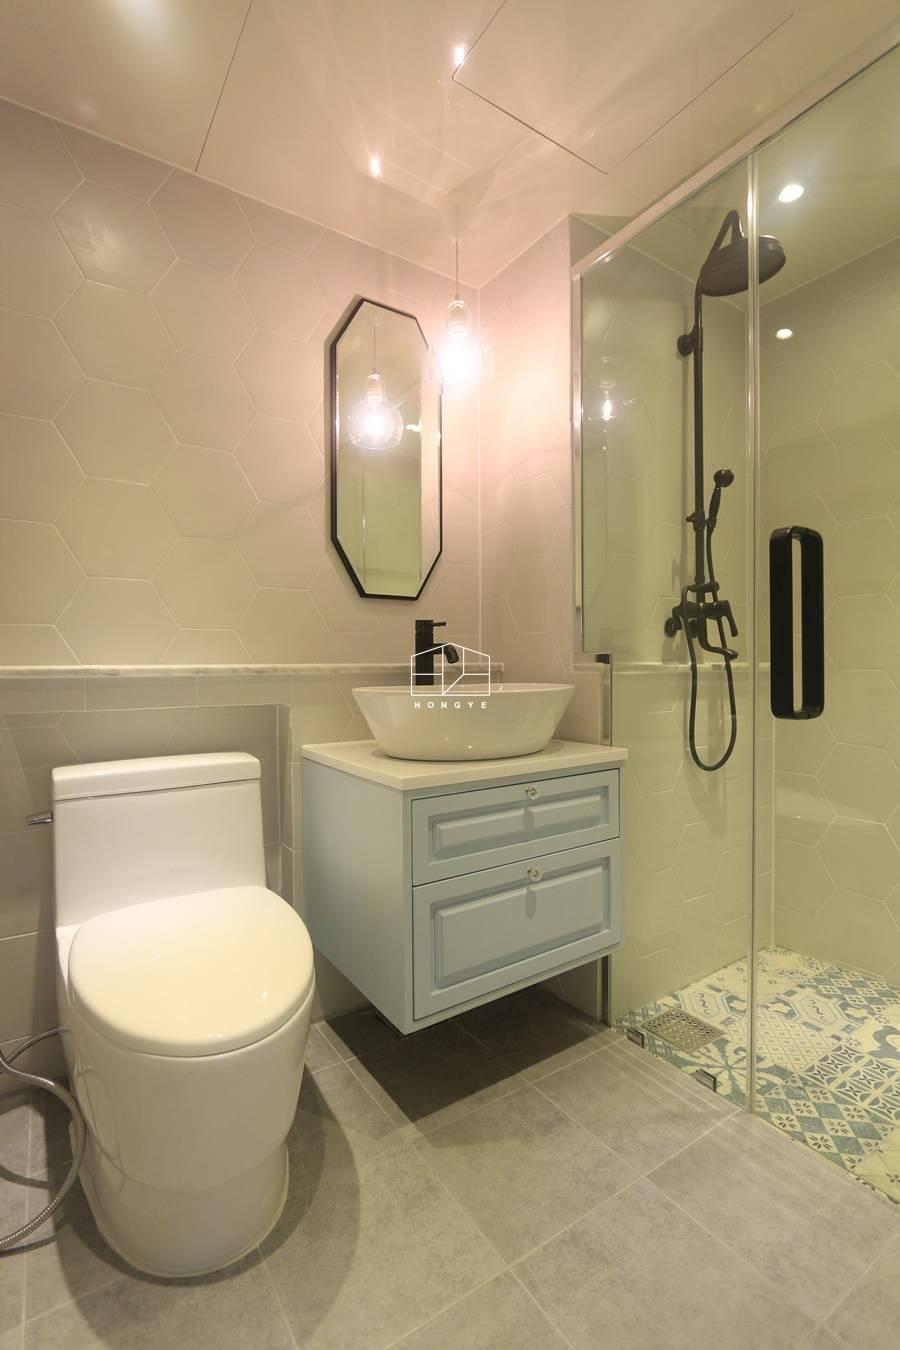 우리집 가치를 높여줄 욕실 인테리어 살펴보기